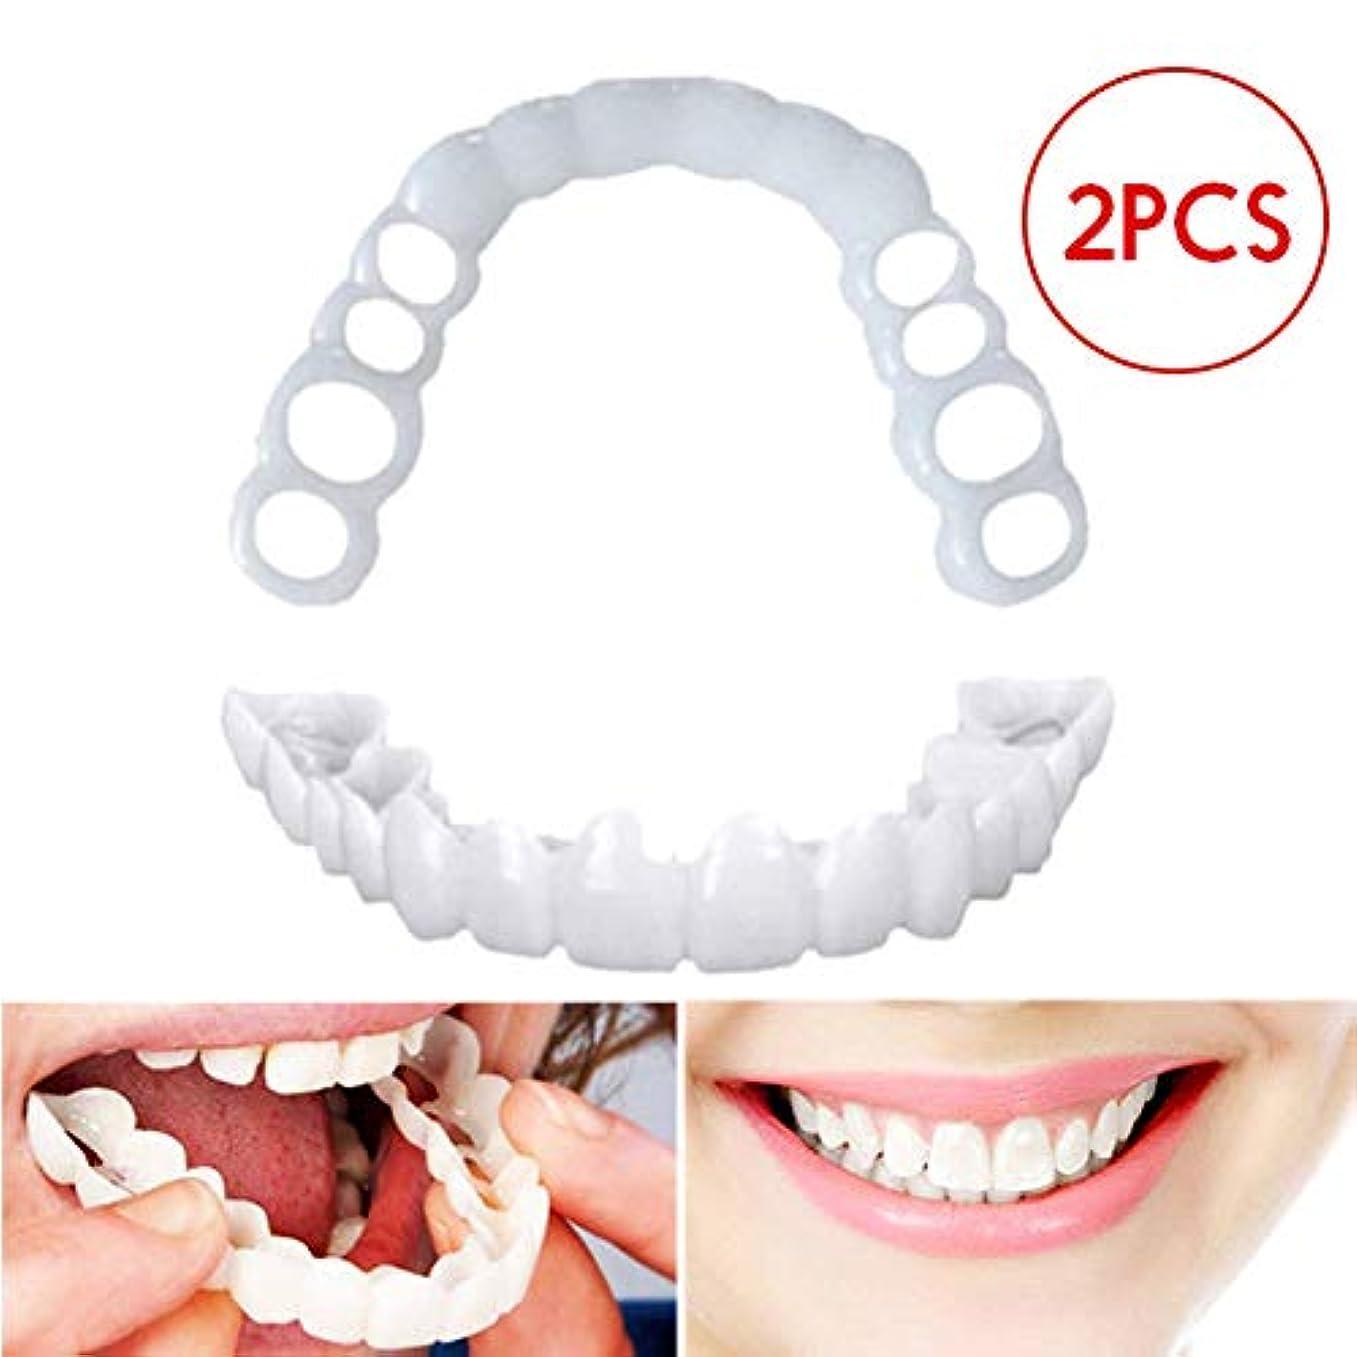 調子犯すピラミッド2組の一時的な化粧品の歯の義歯の歯の化粧品は装具を模倣しました、即刻の快適な完全なベニヤの歯のスナップキャップを白くします,2pcsupperteeth